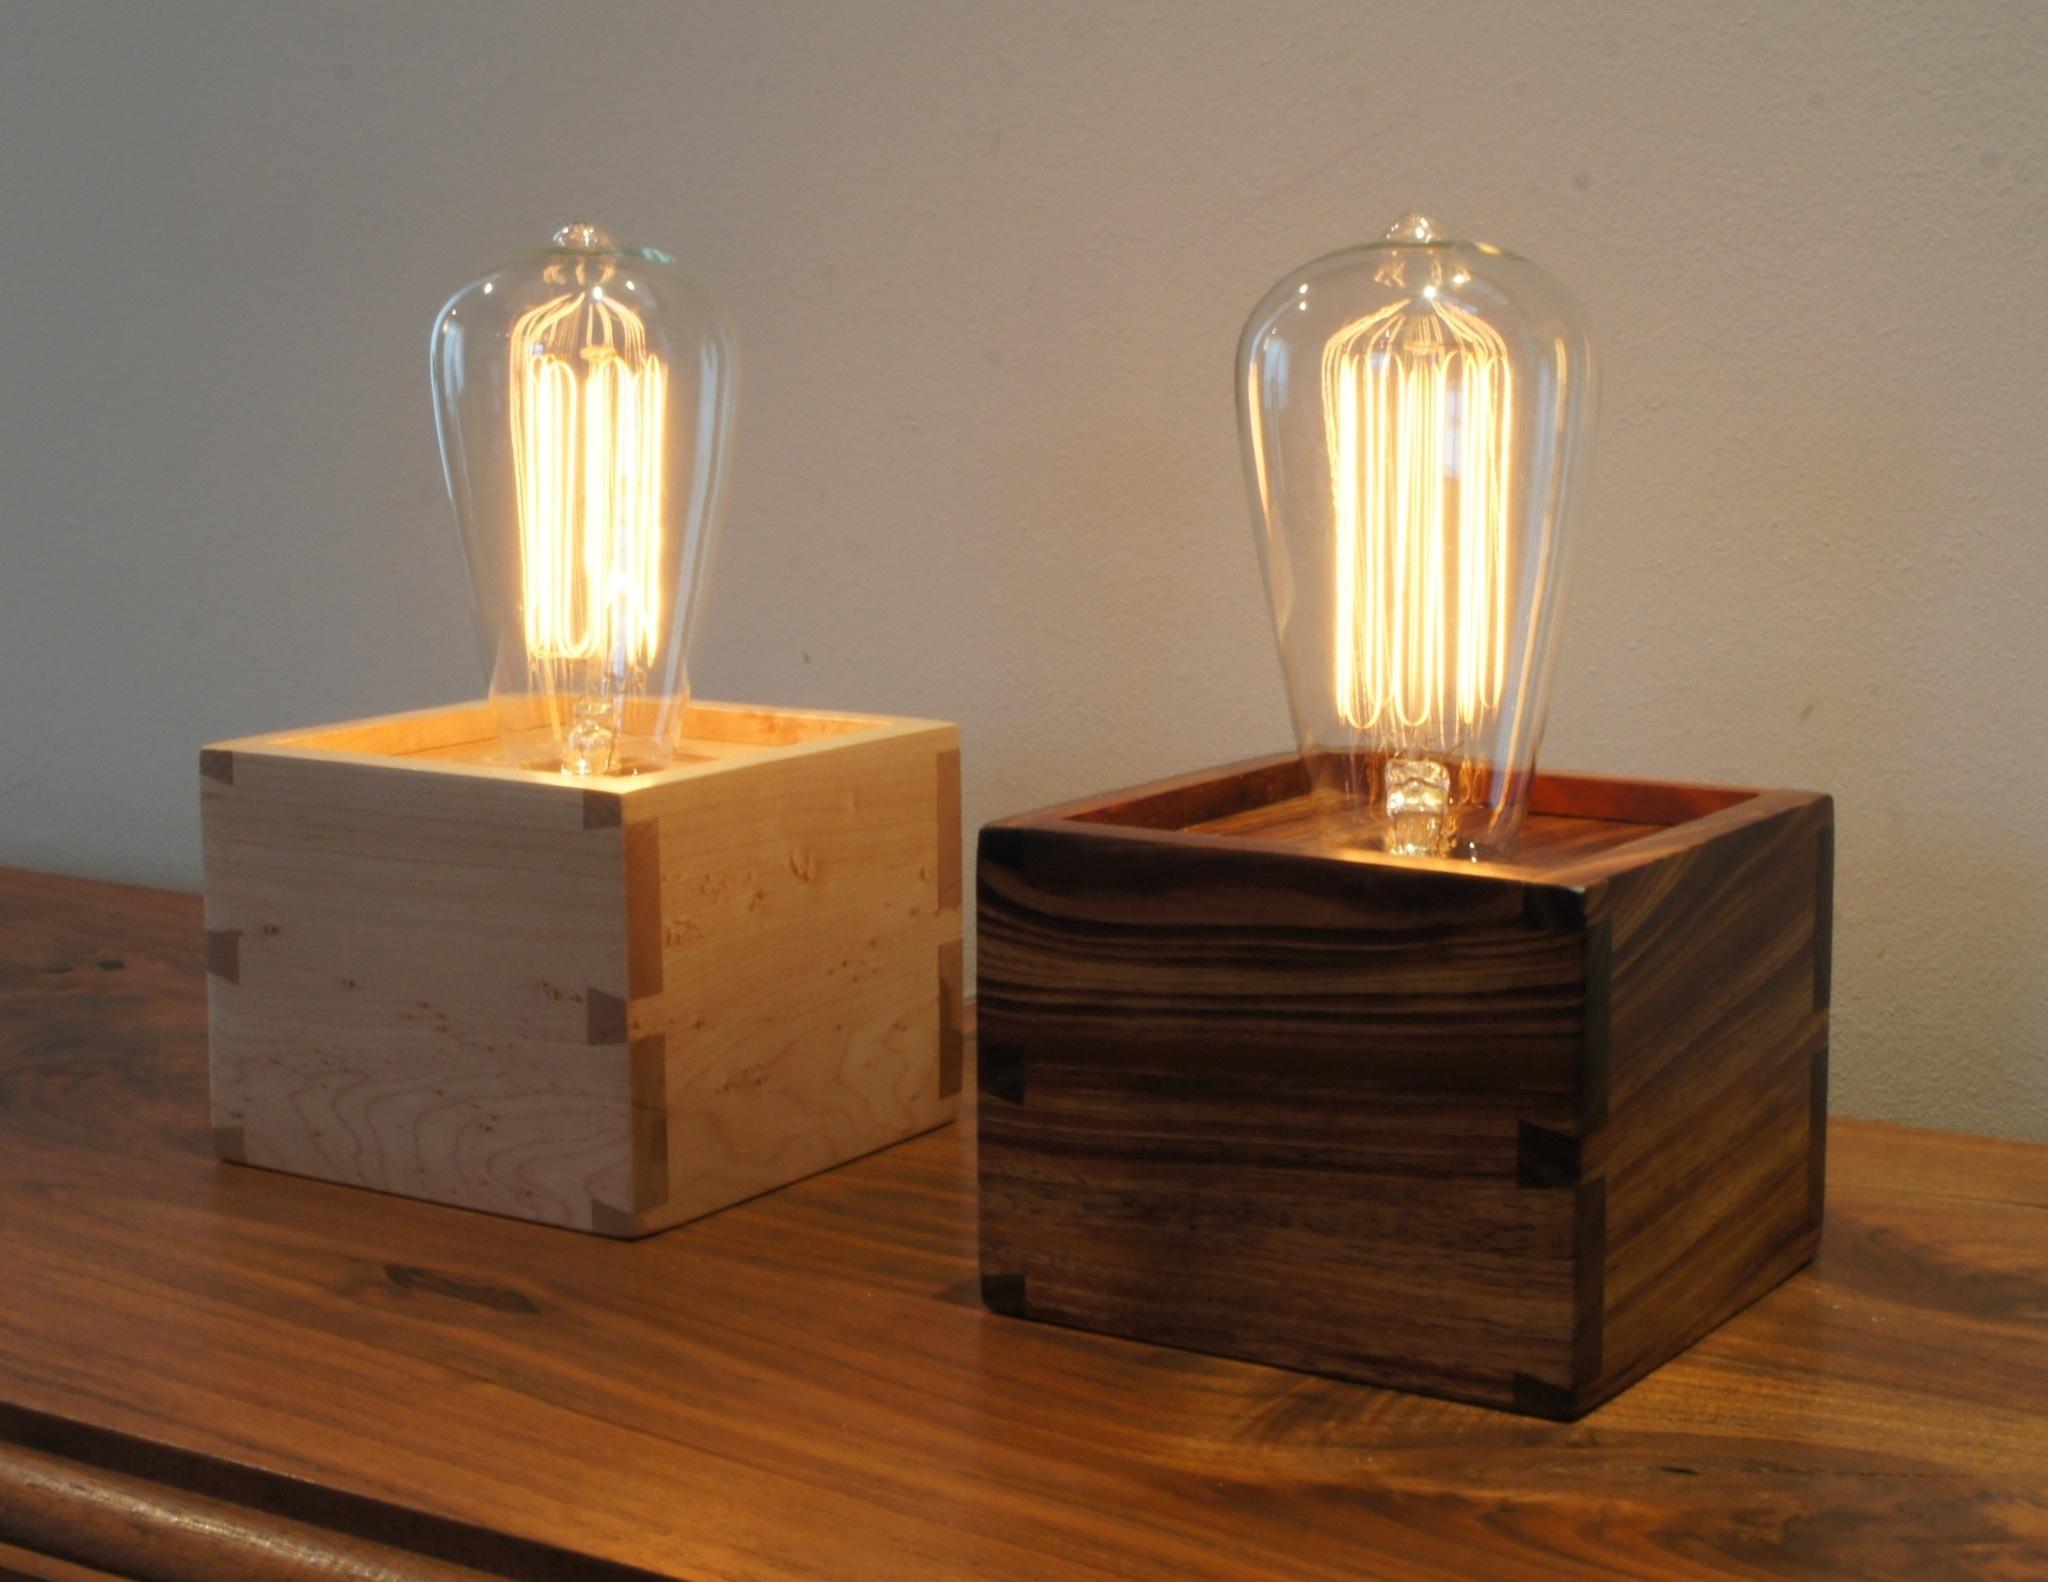 Лампа Эдисона на деревянной подставке